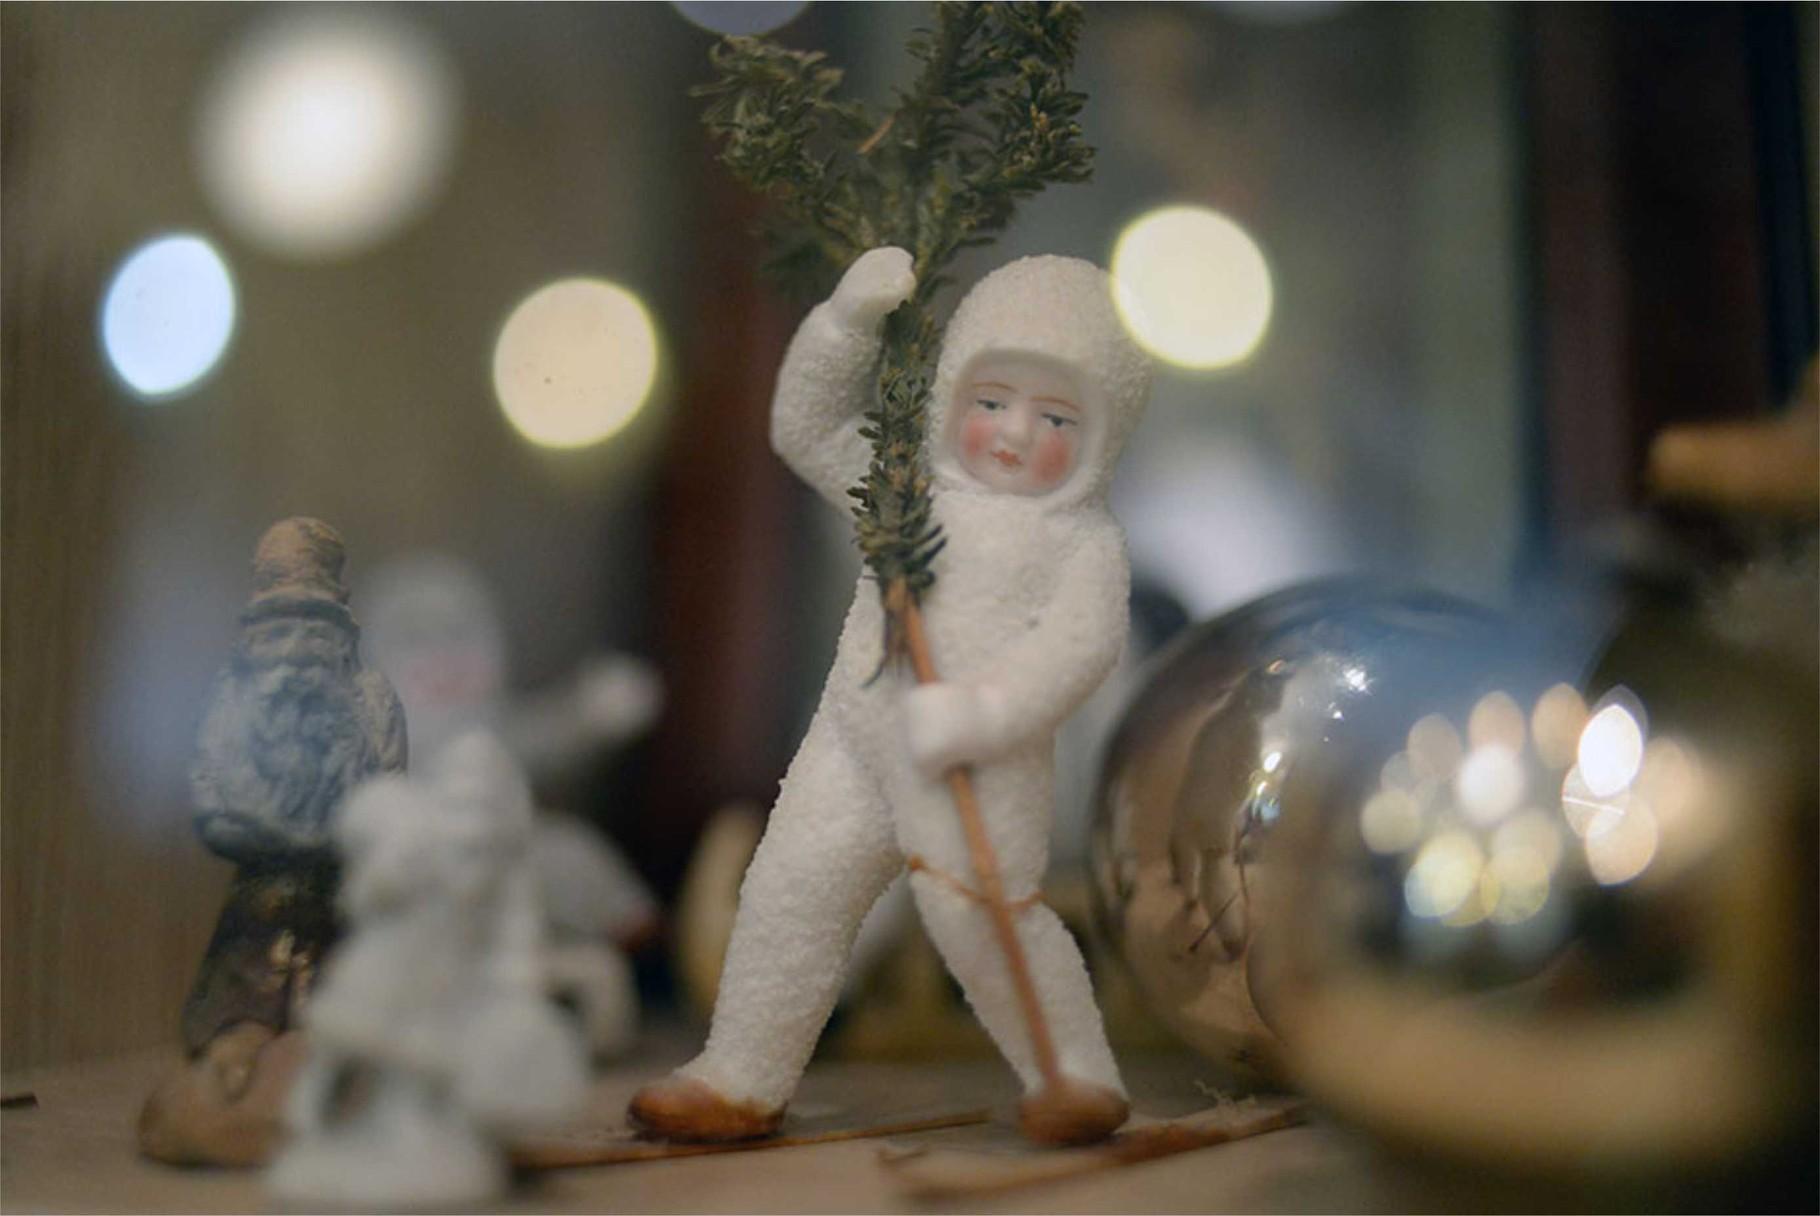 Мальчик на лыжах, стеклянные шары. Конец XIX — начало XX вв.